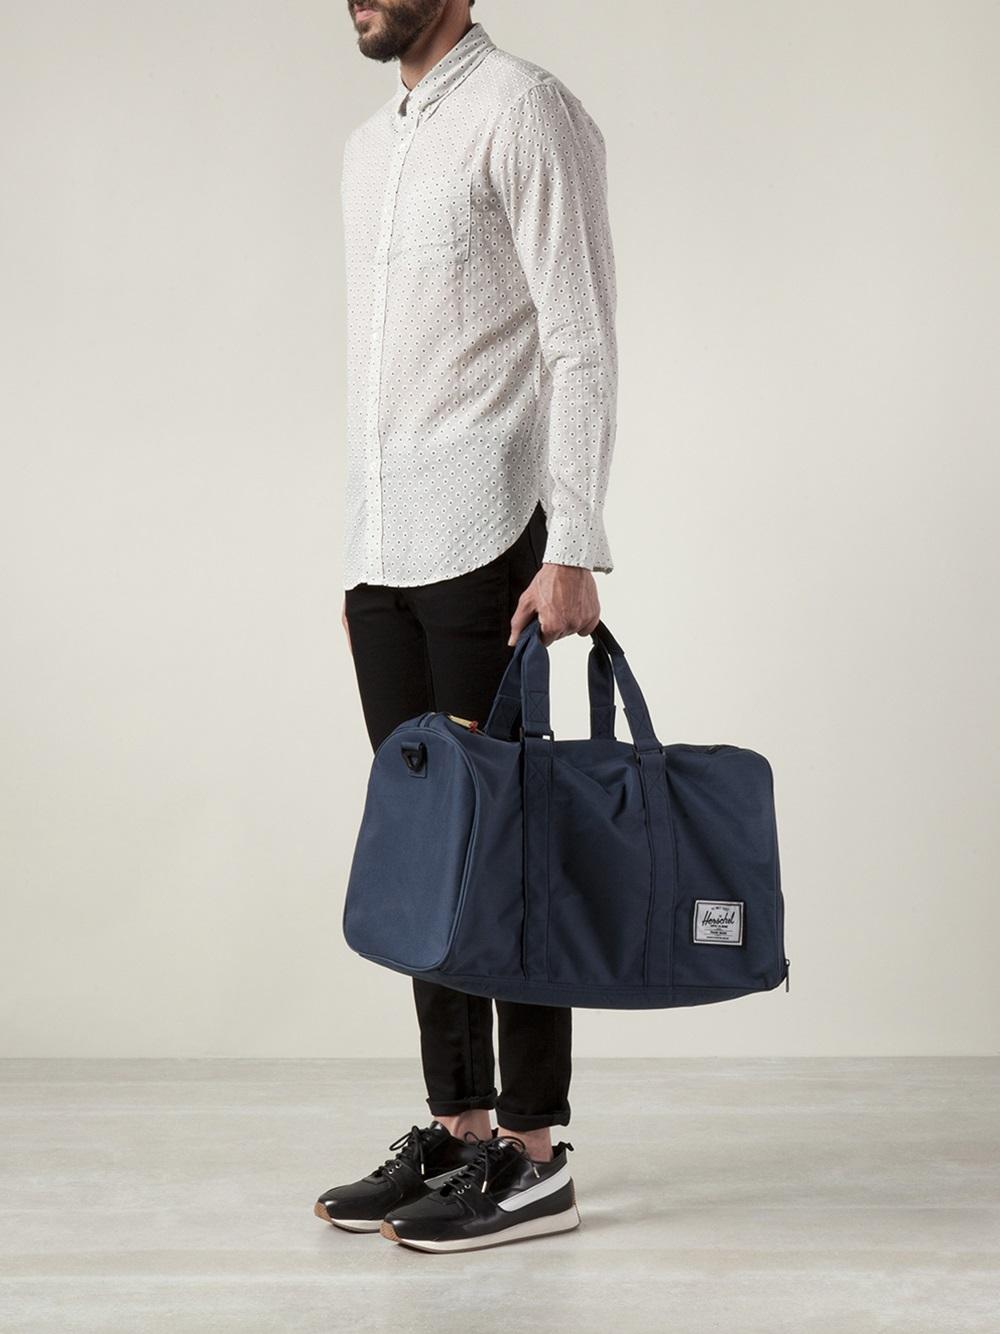 Lyst - Herschel Supply Co. Novel Knit Duffle Bag in Blue for Men 6f75b30f92f12